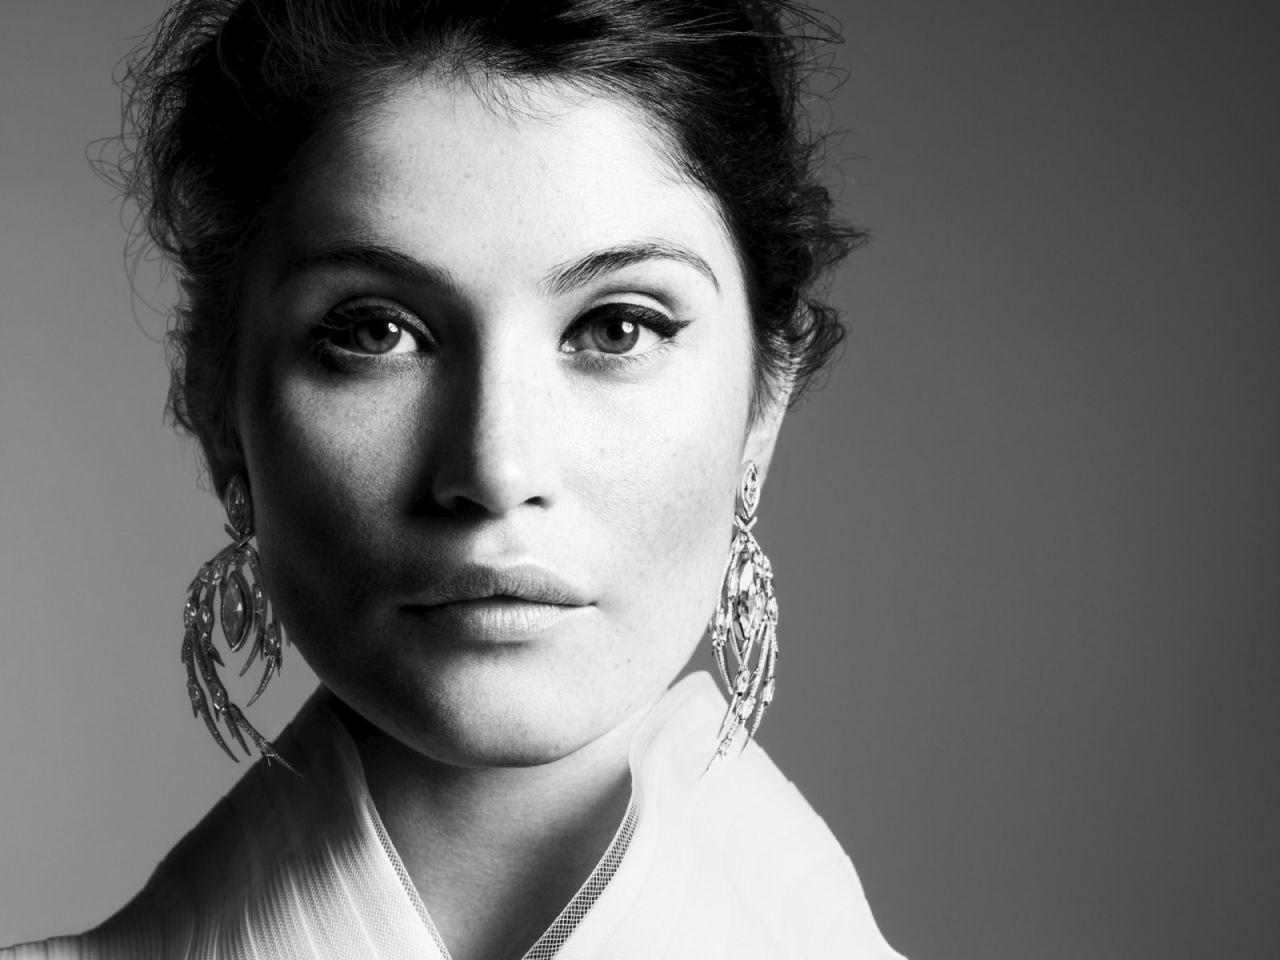 Gemma Arterton Photoshoot - Vanity Fair UK